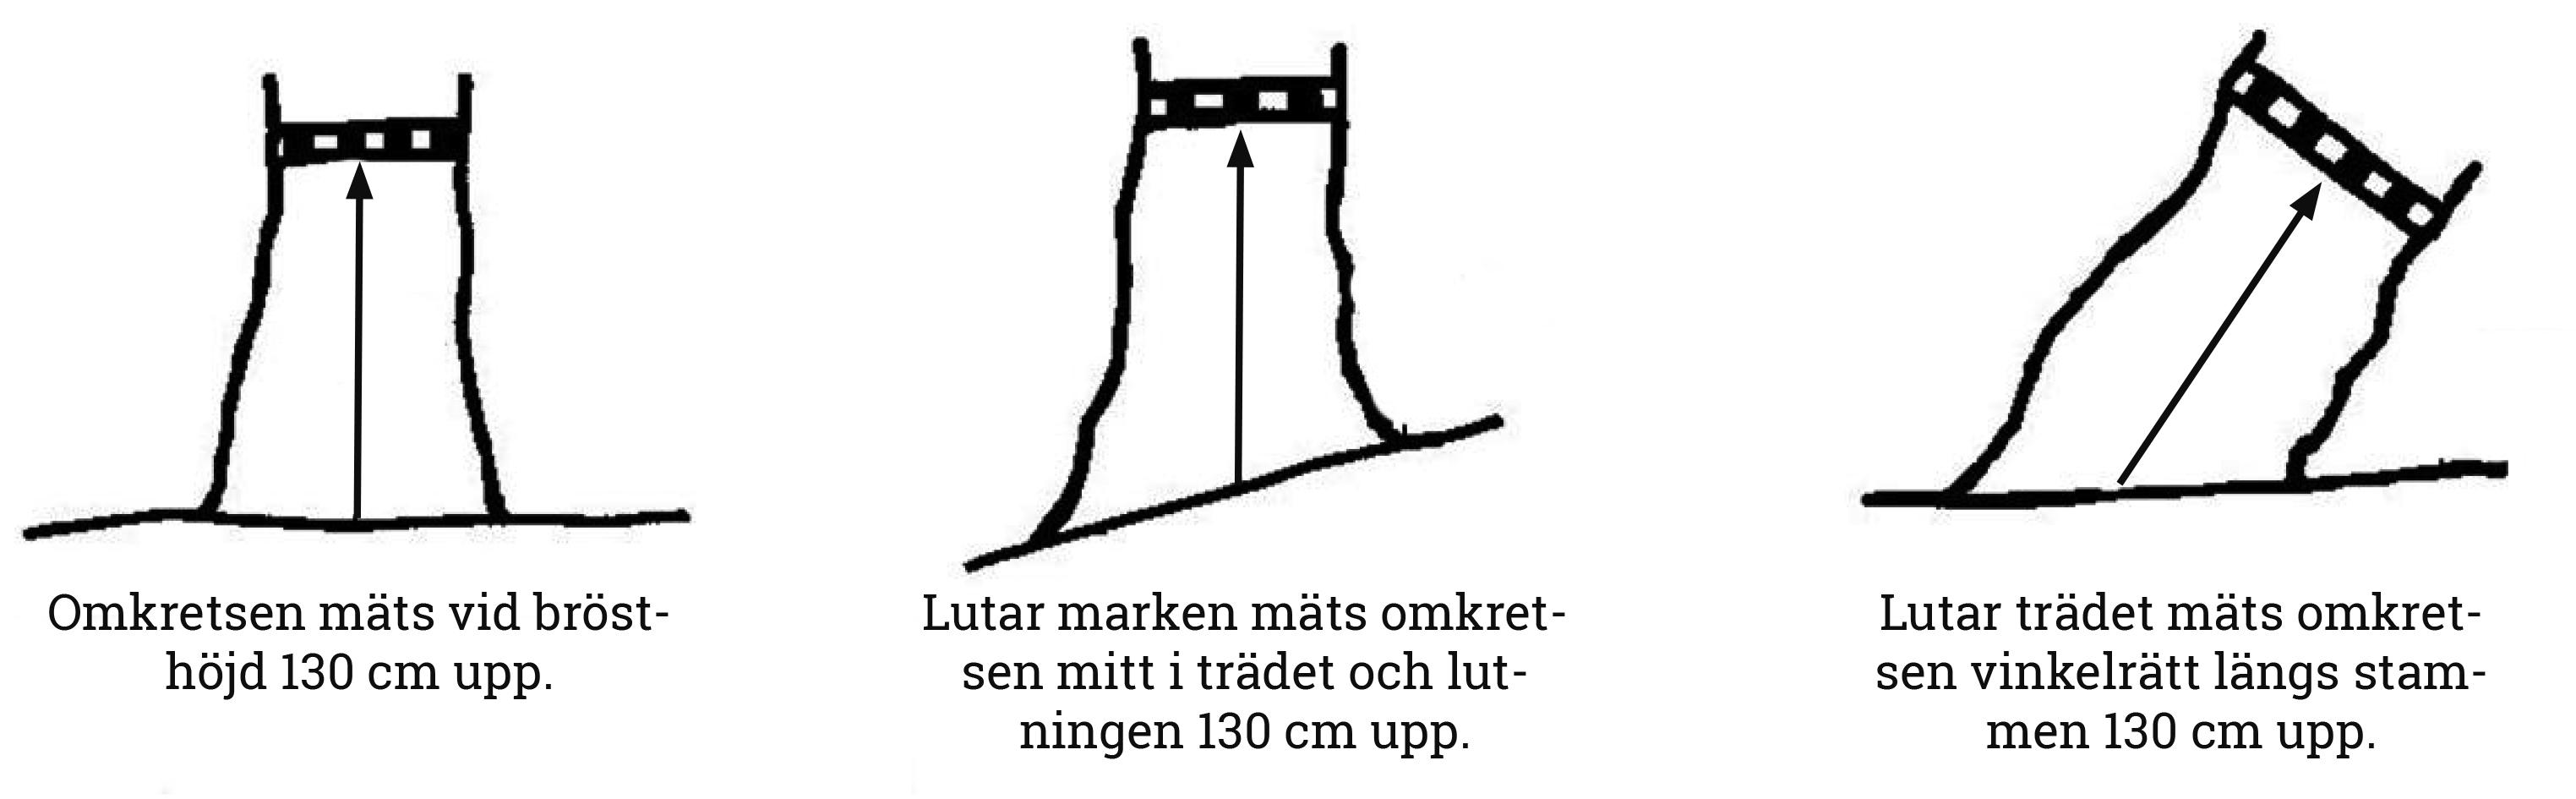 Hur mäter man ett träd? u2013 Naturskyddsföreningen Skåne